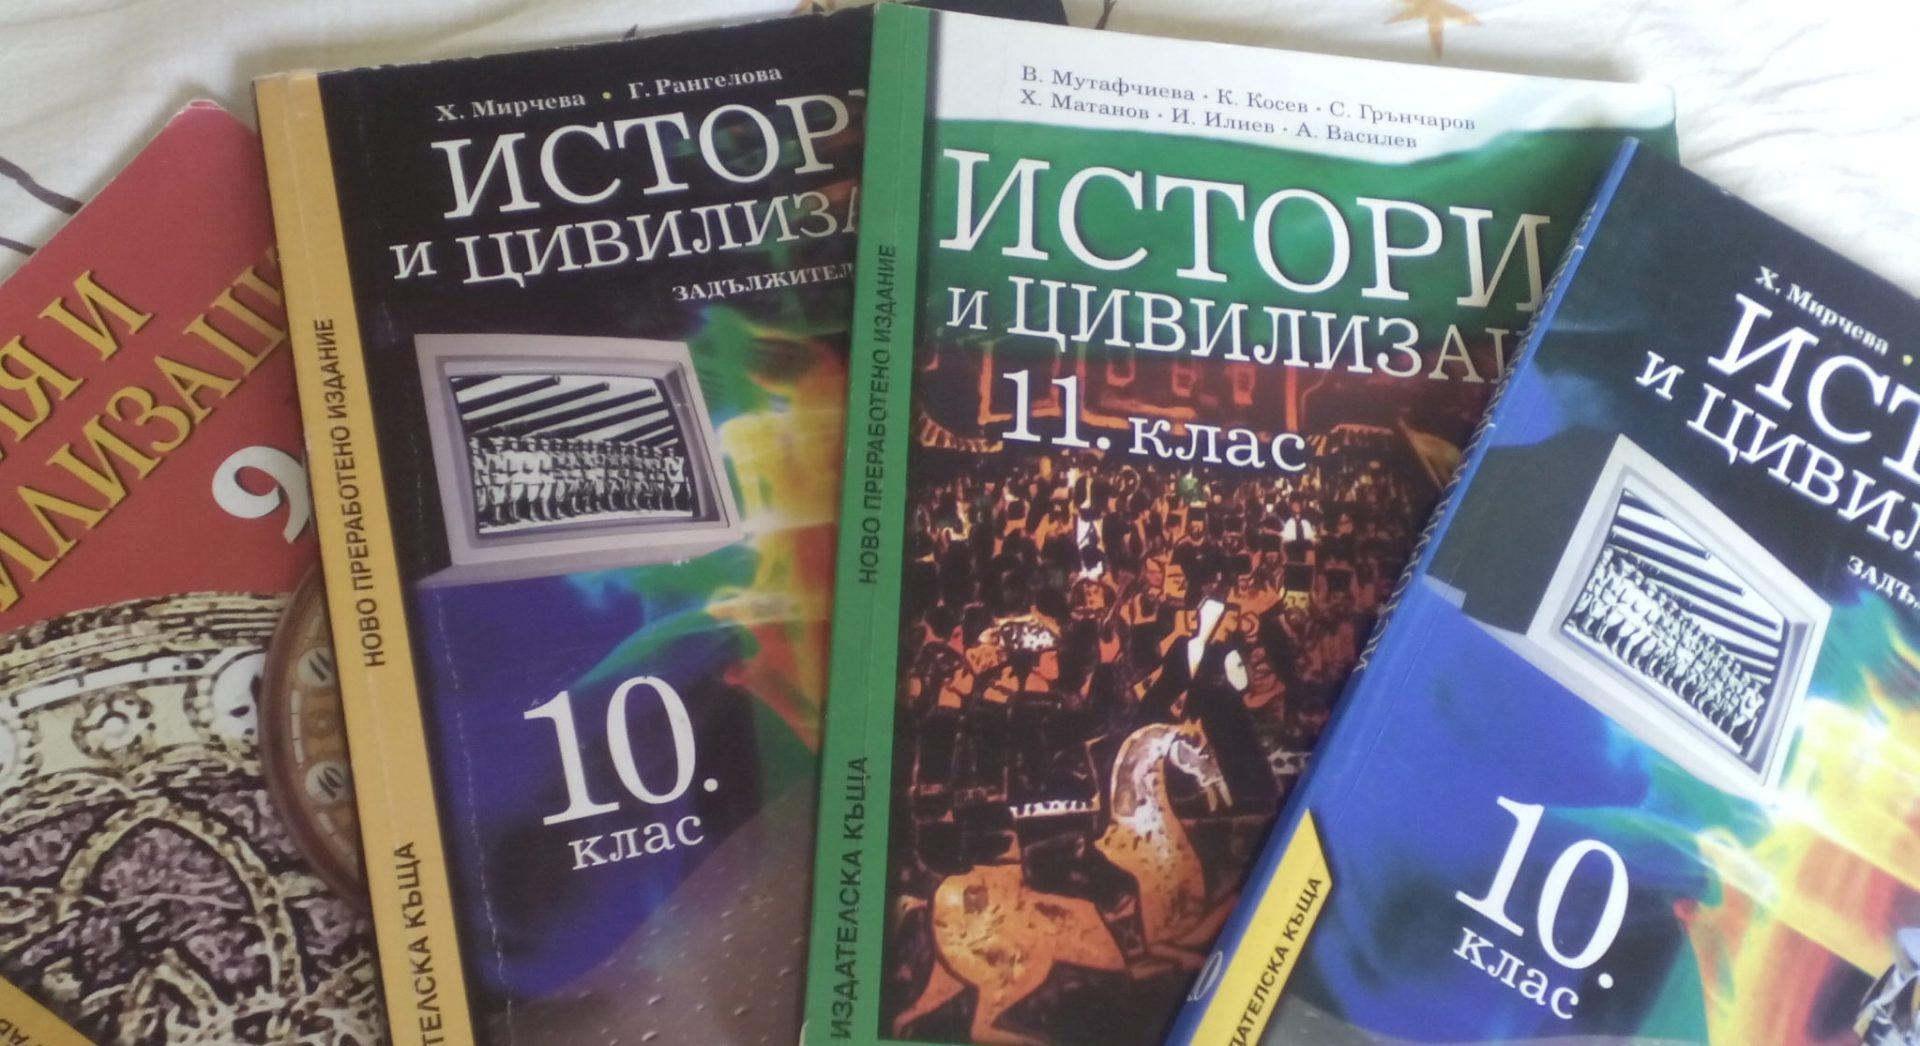 Атакувайки програмата за 10 клас, от БСП защитават сталинизма